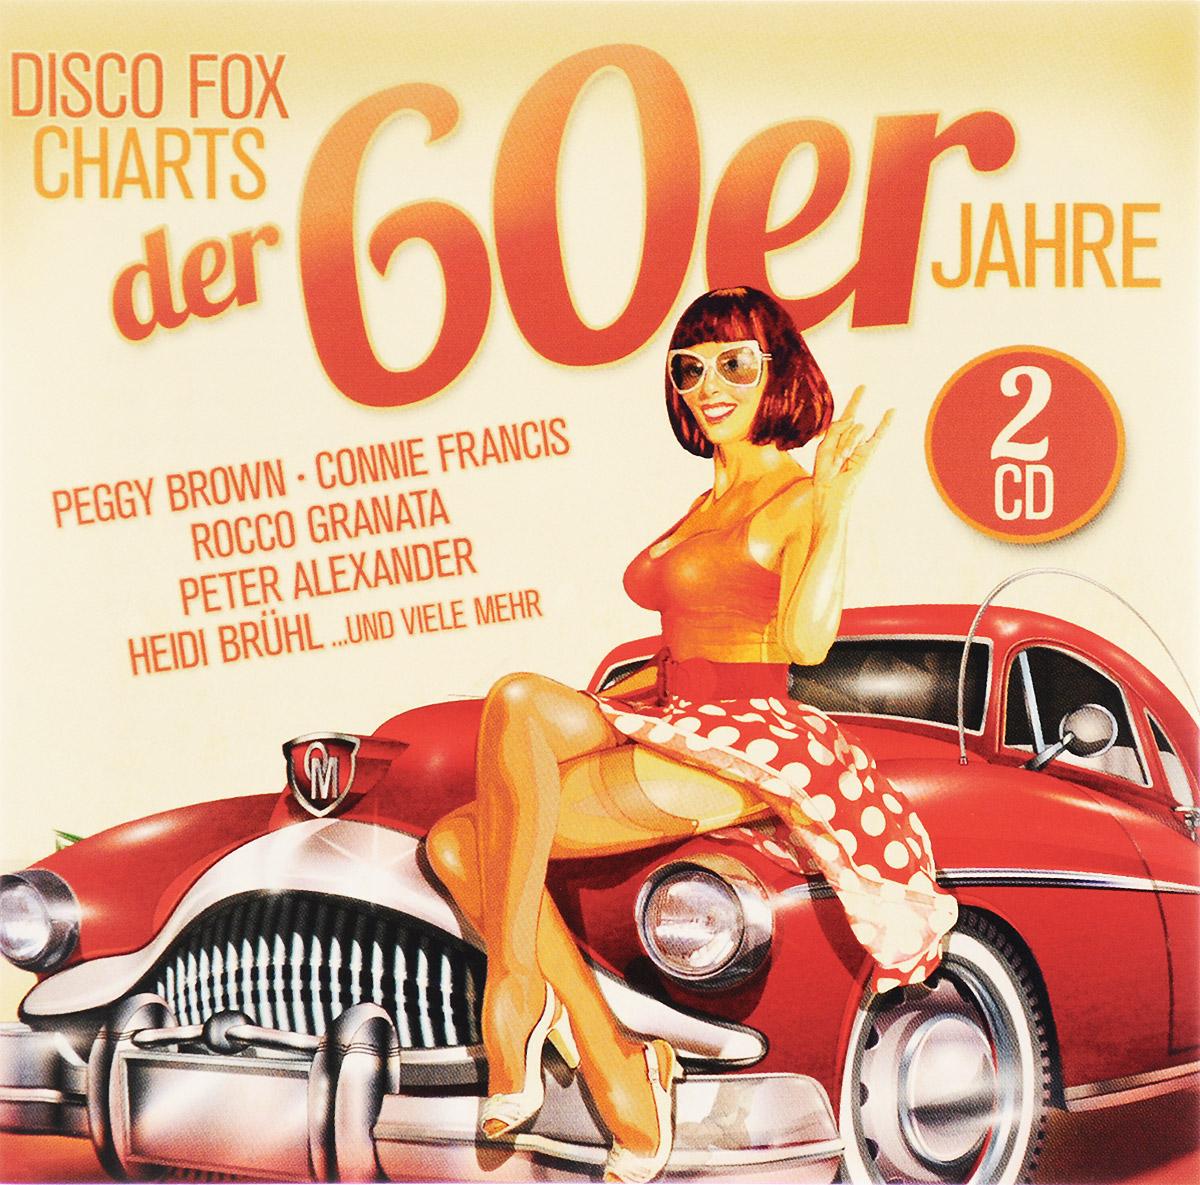 Disco Fox Charts Der 60er Jahre (2 CD) hermann von staff der befreiungs krieg der katalonier in den jahren 1808 bis 1814 t 2